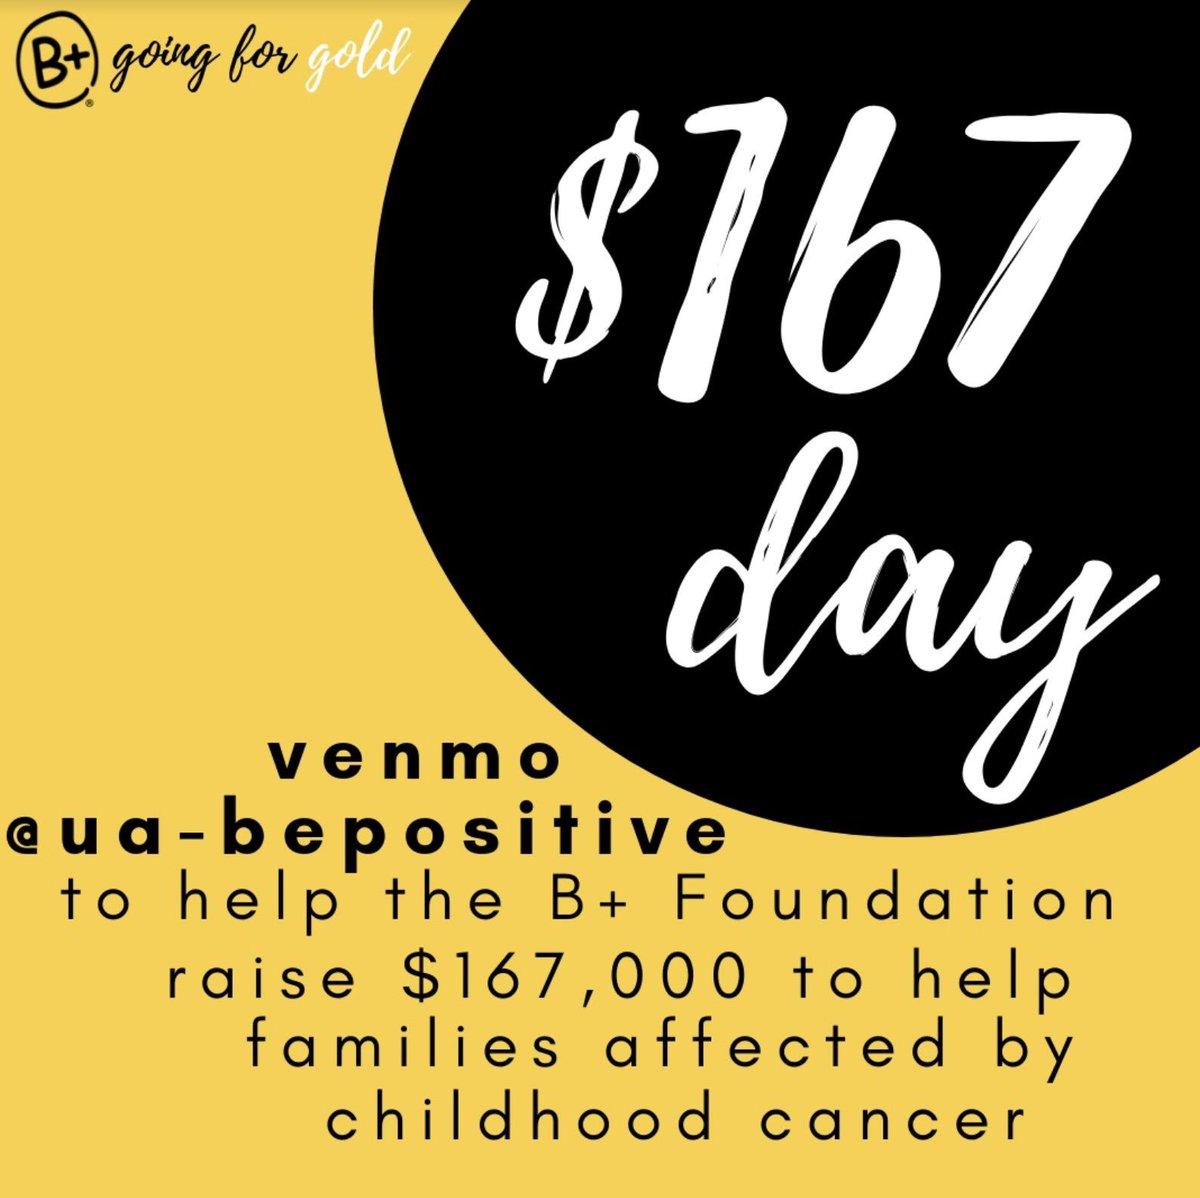 B+ Foundation UA (@uabepositive) | Twitter